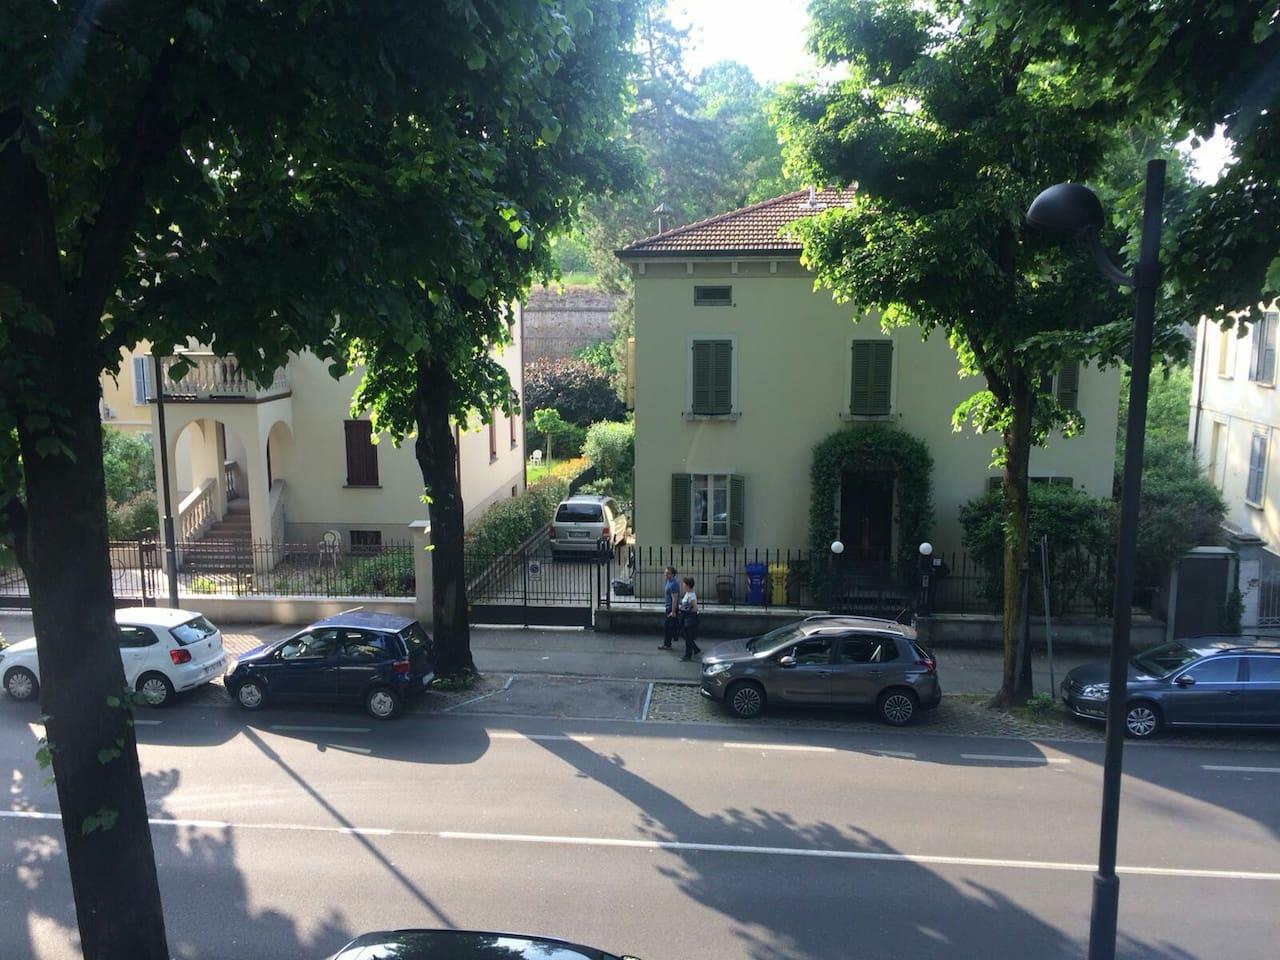 vista delle mura della cittadella dal balcone di casa